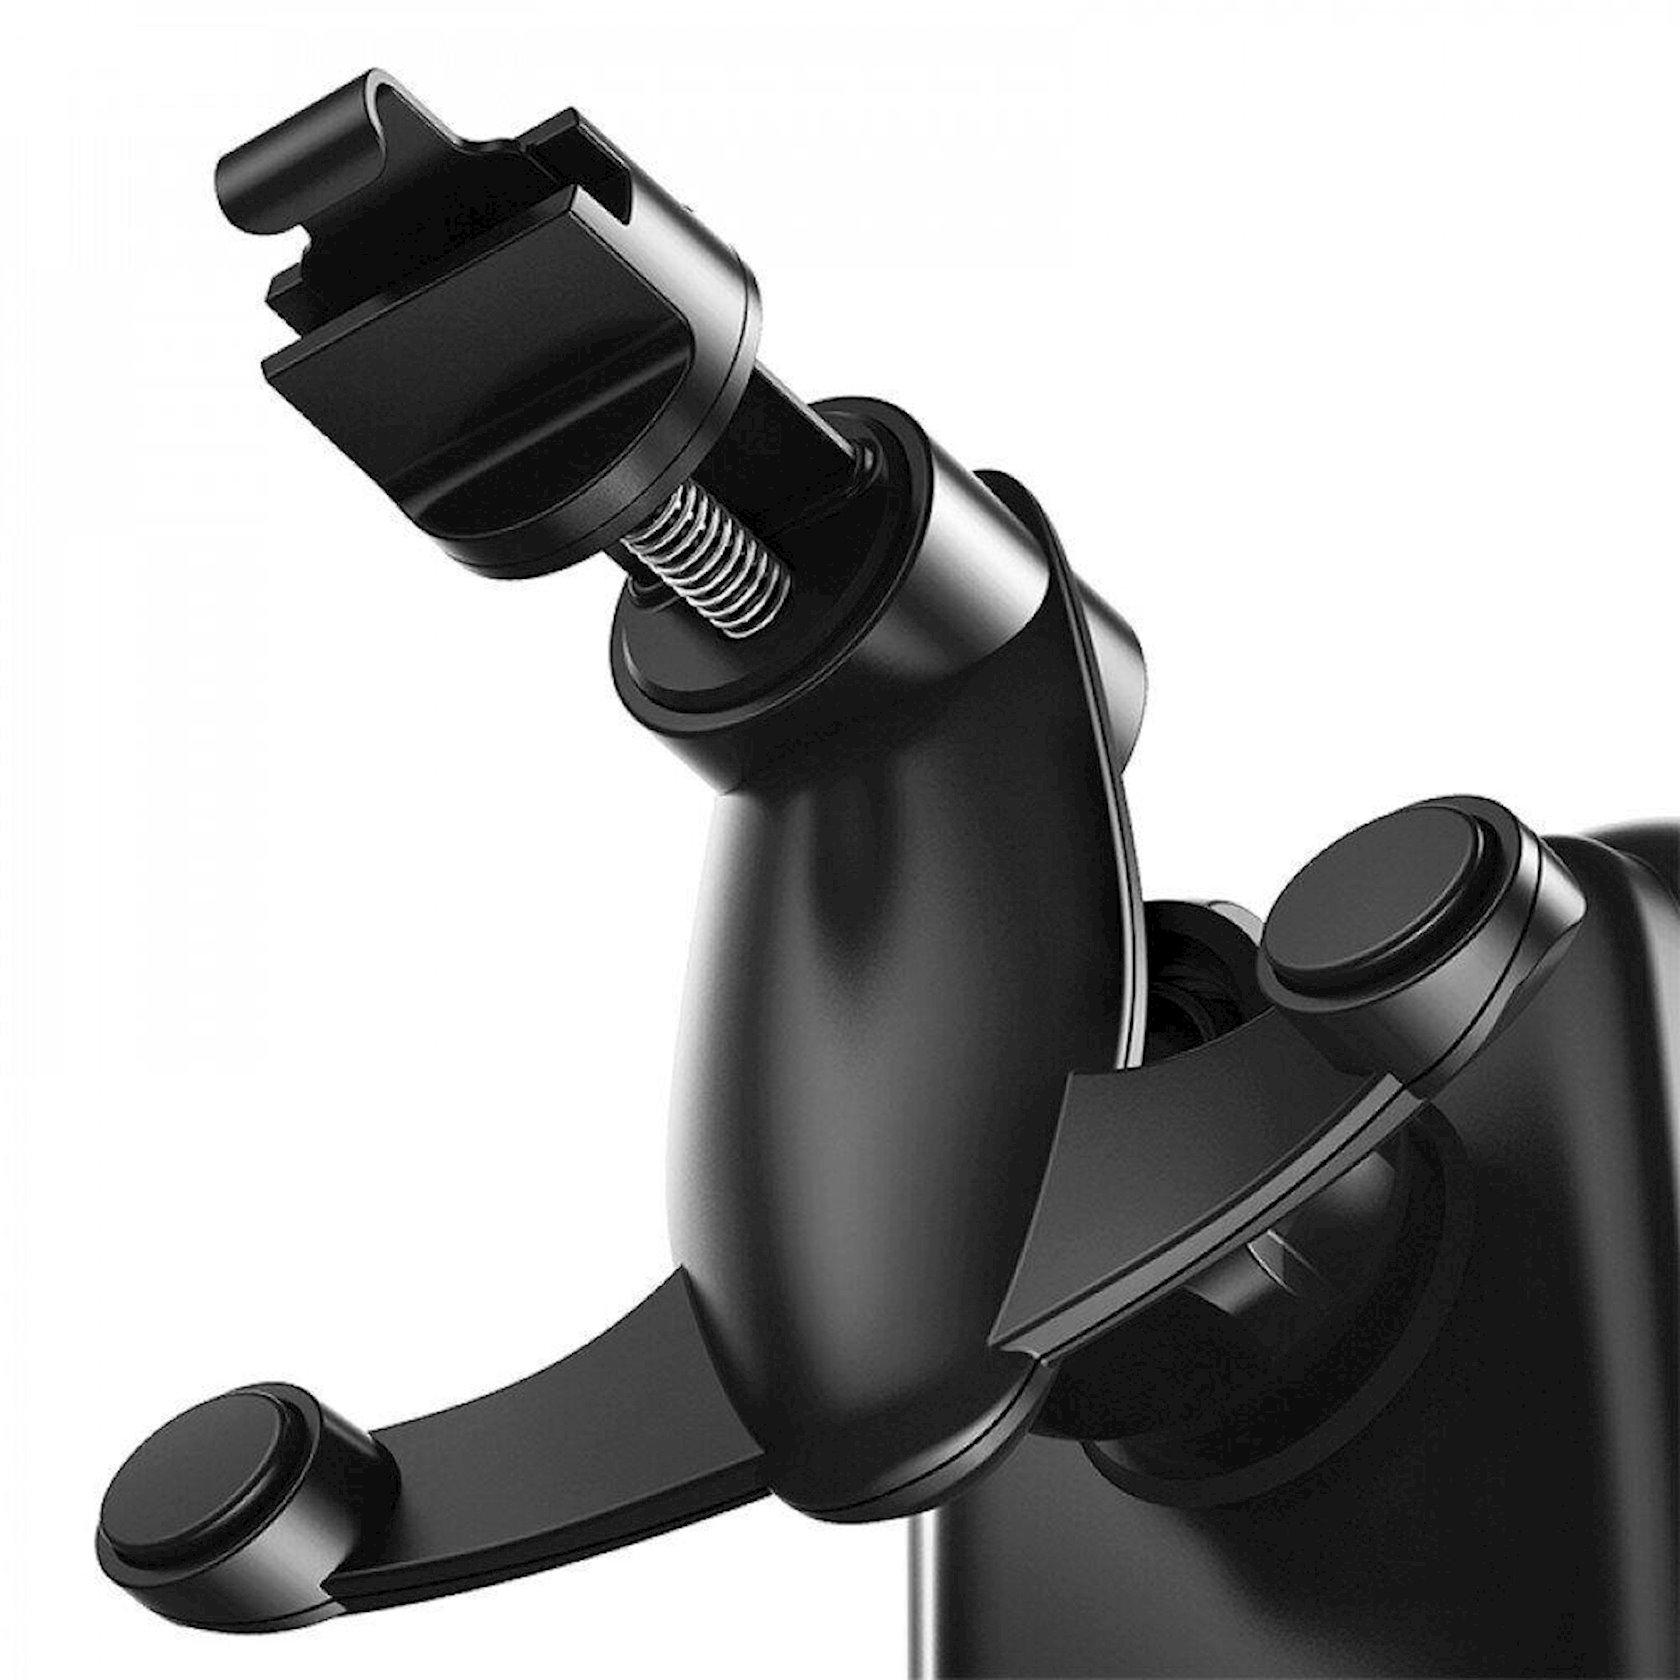 Avtomobil üçün tutqac simsiz enerji toplama cihazı ilə Baseus Rock-Solid WXHW01 01